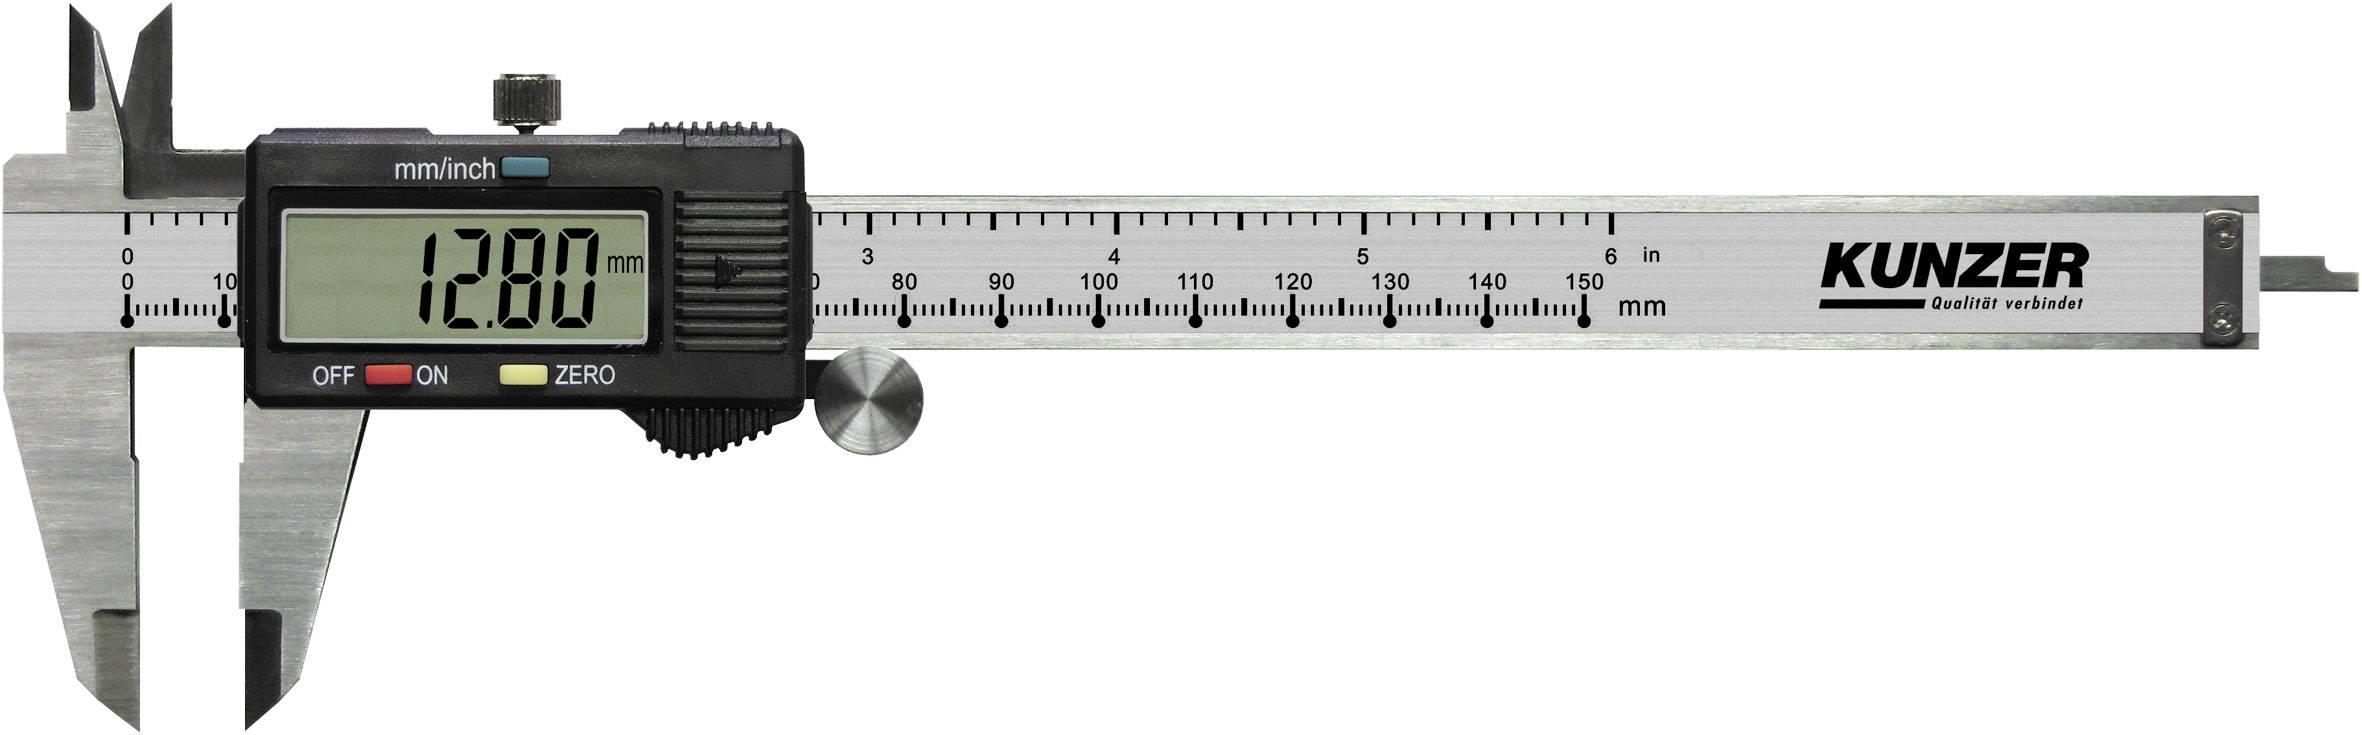 Digitální posuvné měřítko Kunzer 7EMS01, měřicí rozsah 150 mm, Kalibrováno dle podnikový standard (bez certifikátu) (own)